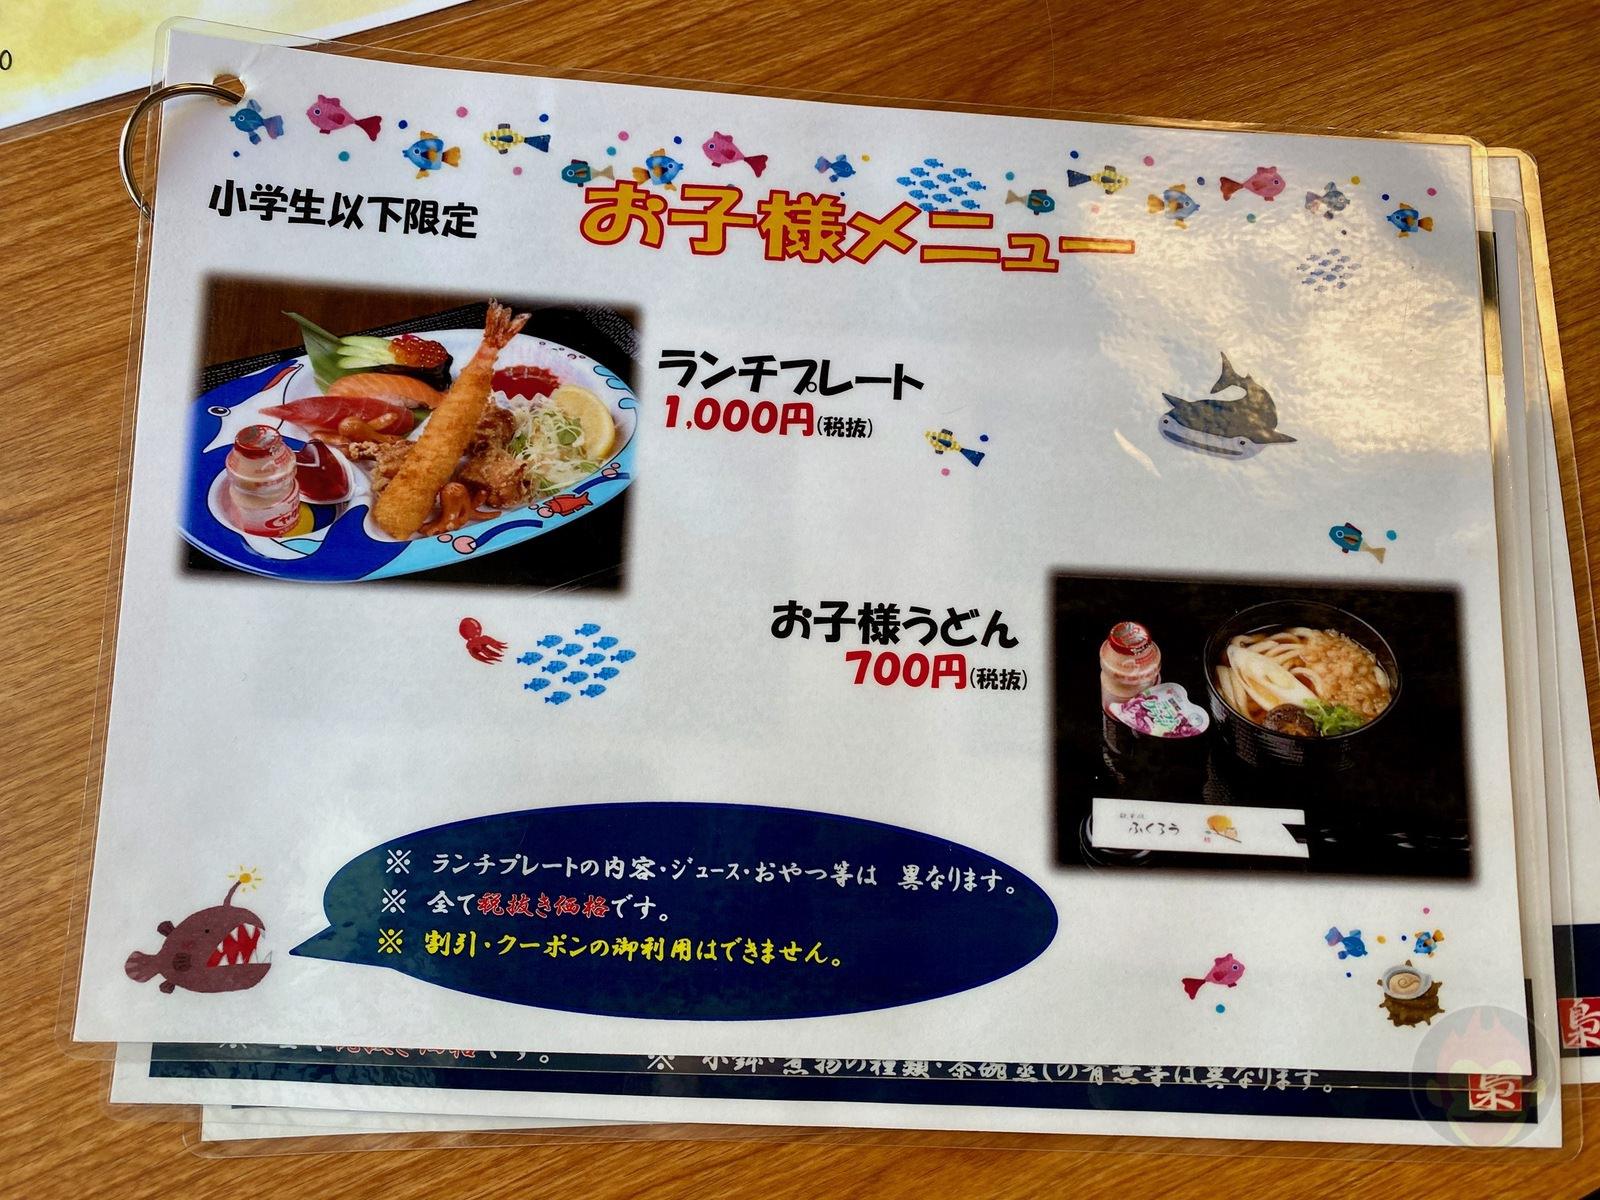 Atami-Fukuro-Lunch-06.jpeg